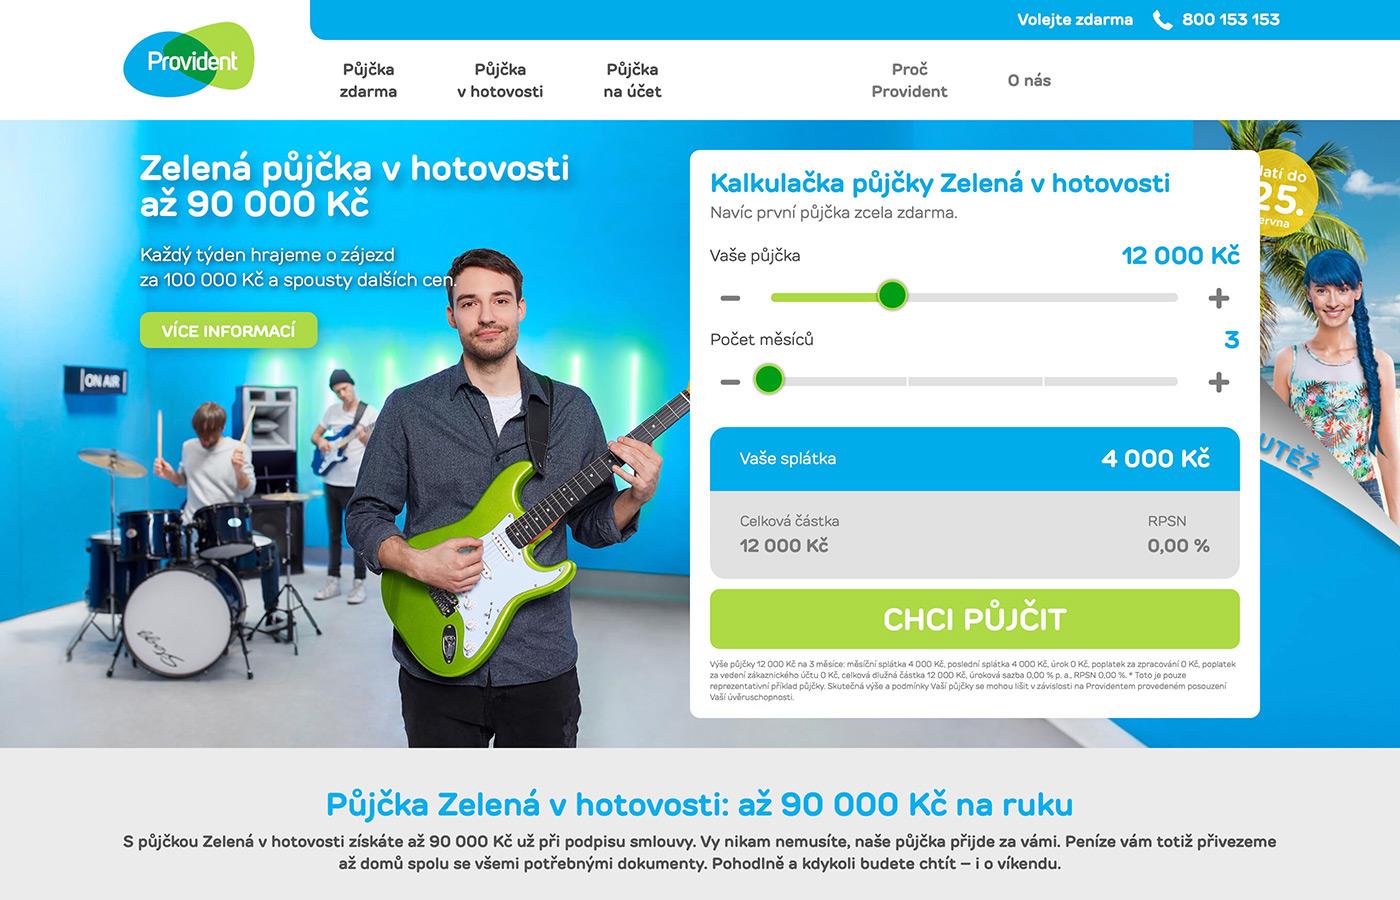 Webové stránky https://www.provident.cz/pujcky/pujcka-v-hotovosti